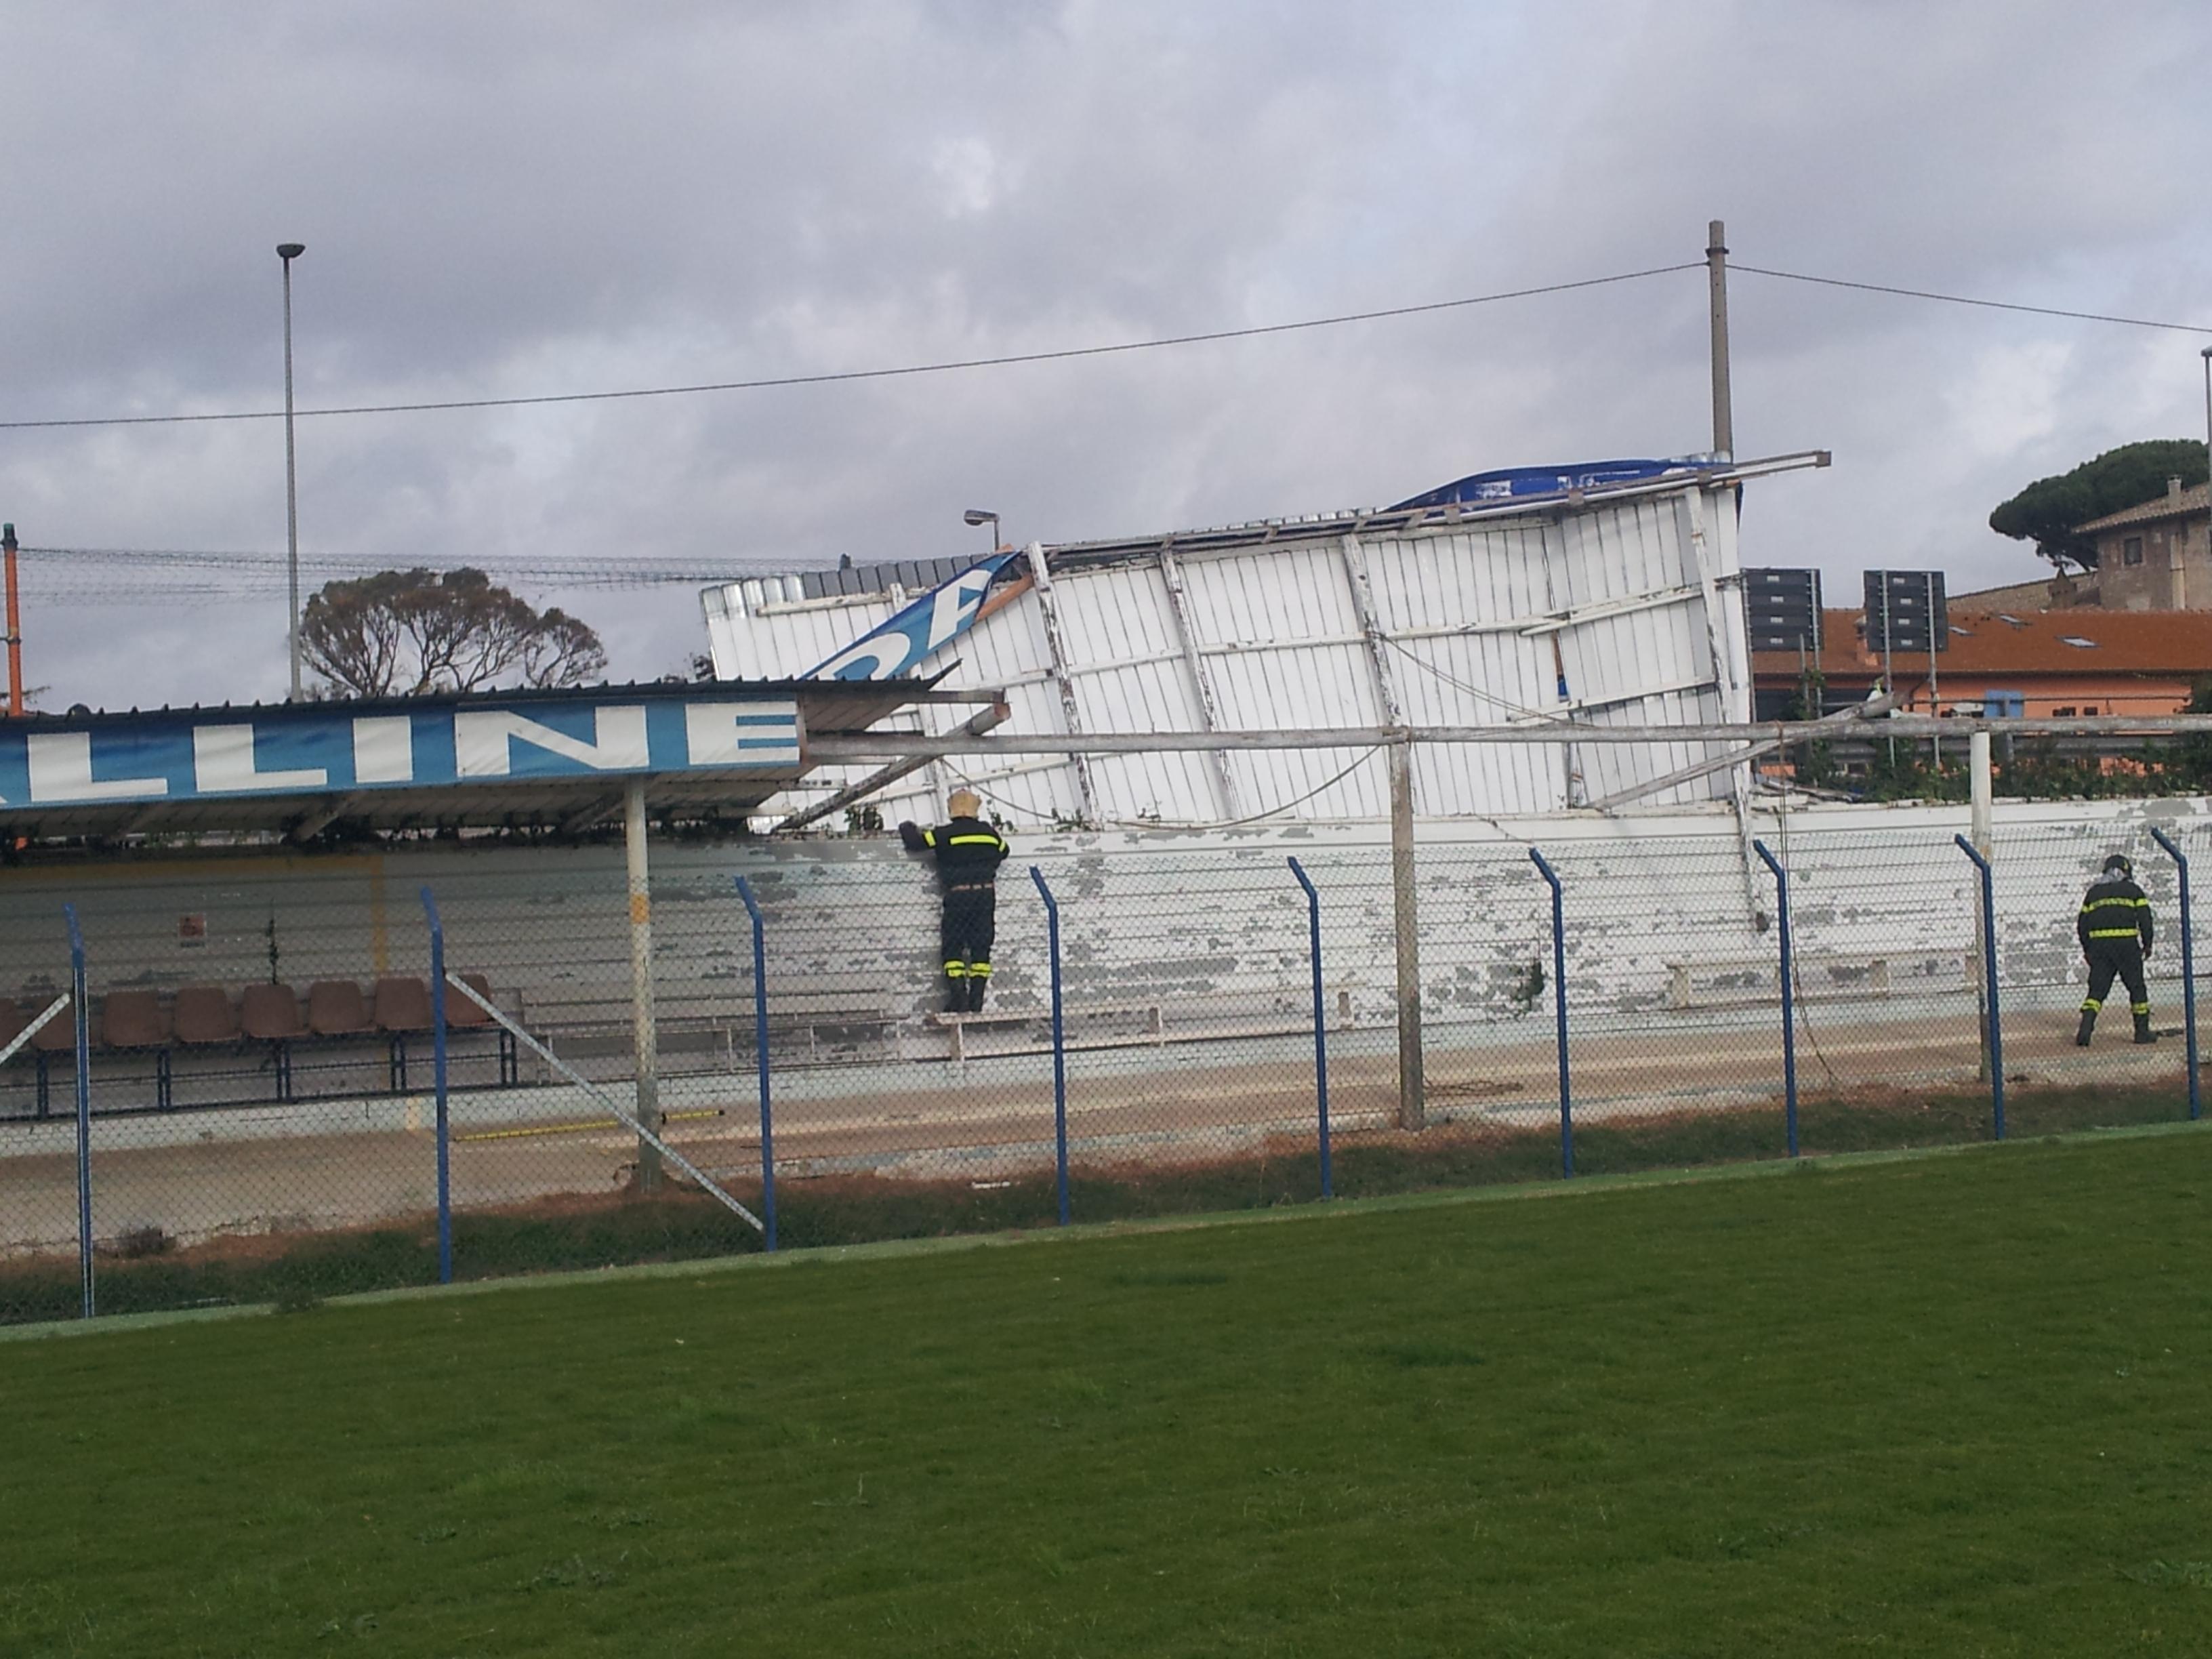 Maltempo, il vento forte scoperchia la tribuna del campo Maccarese